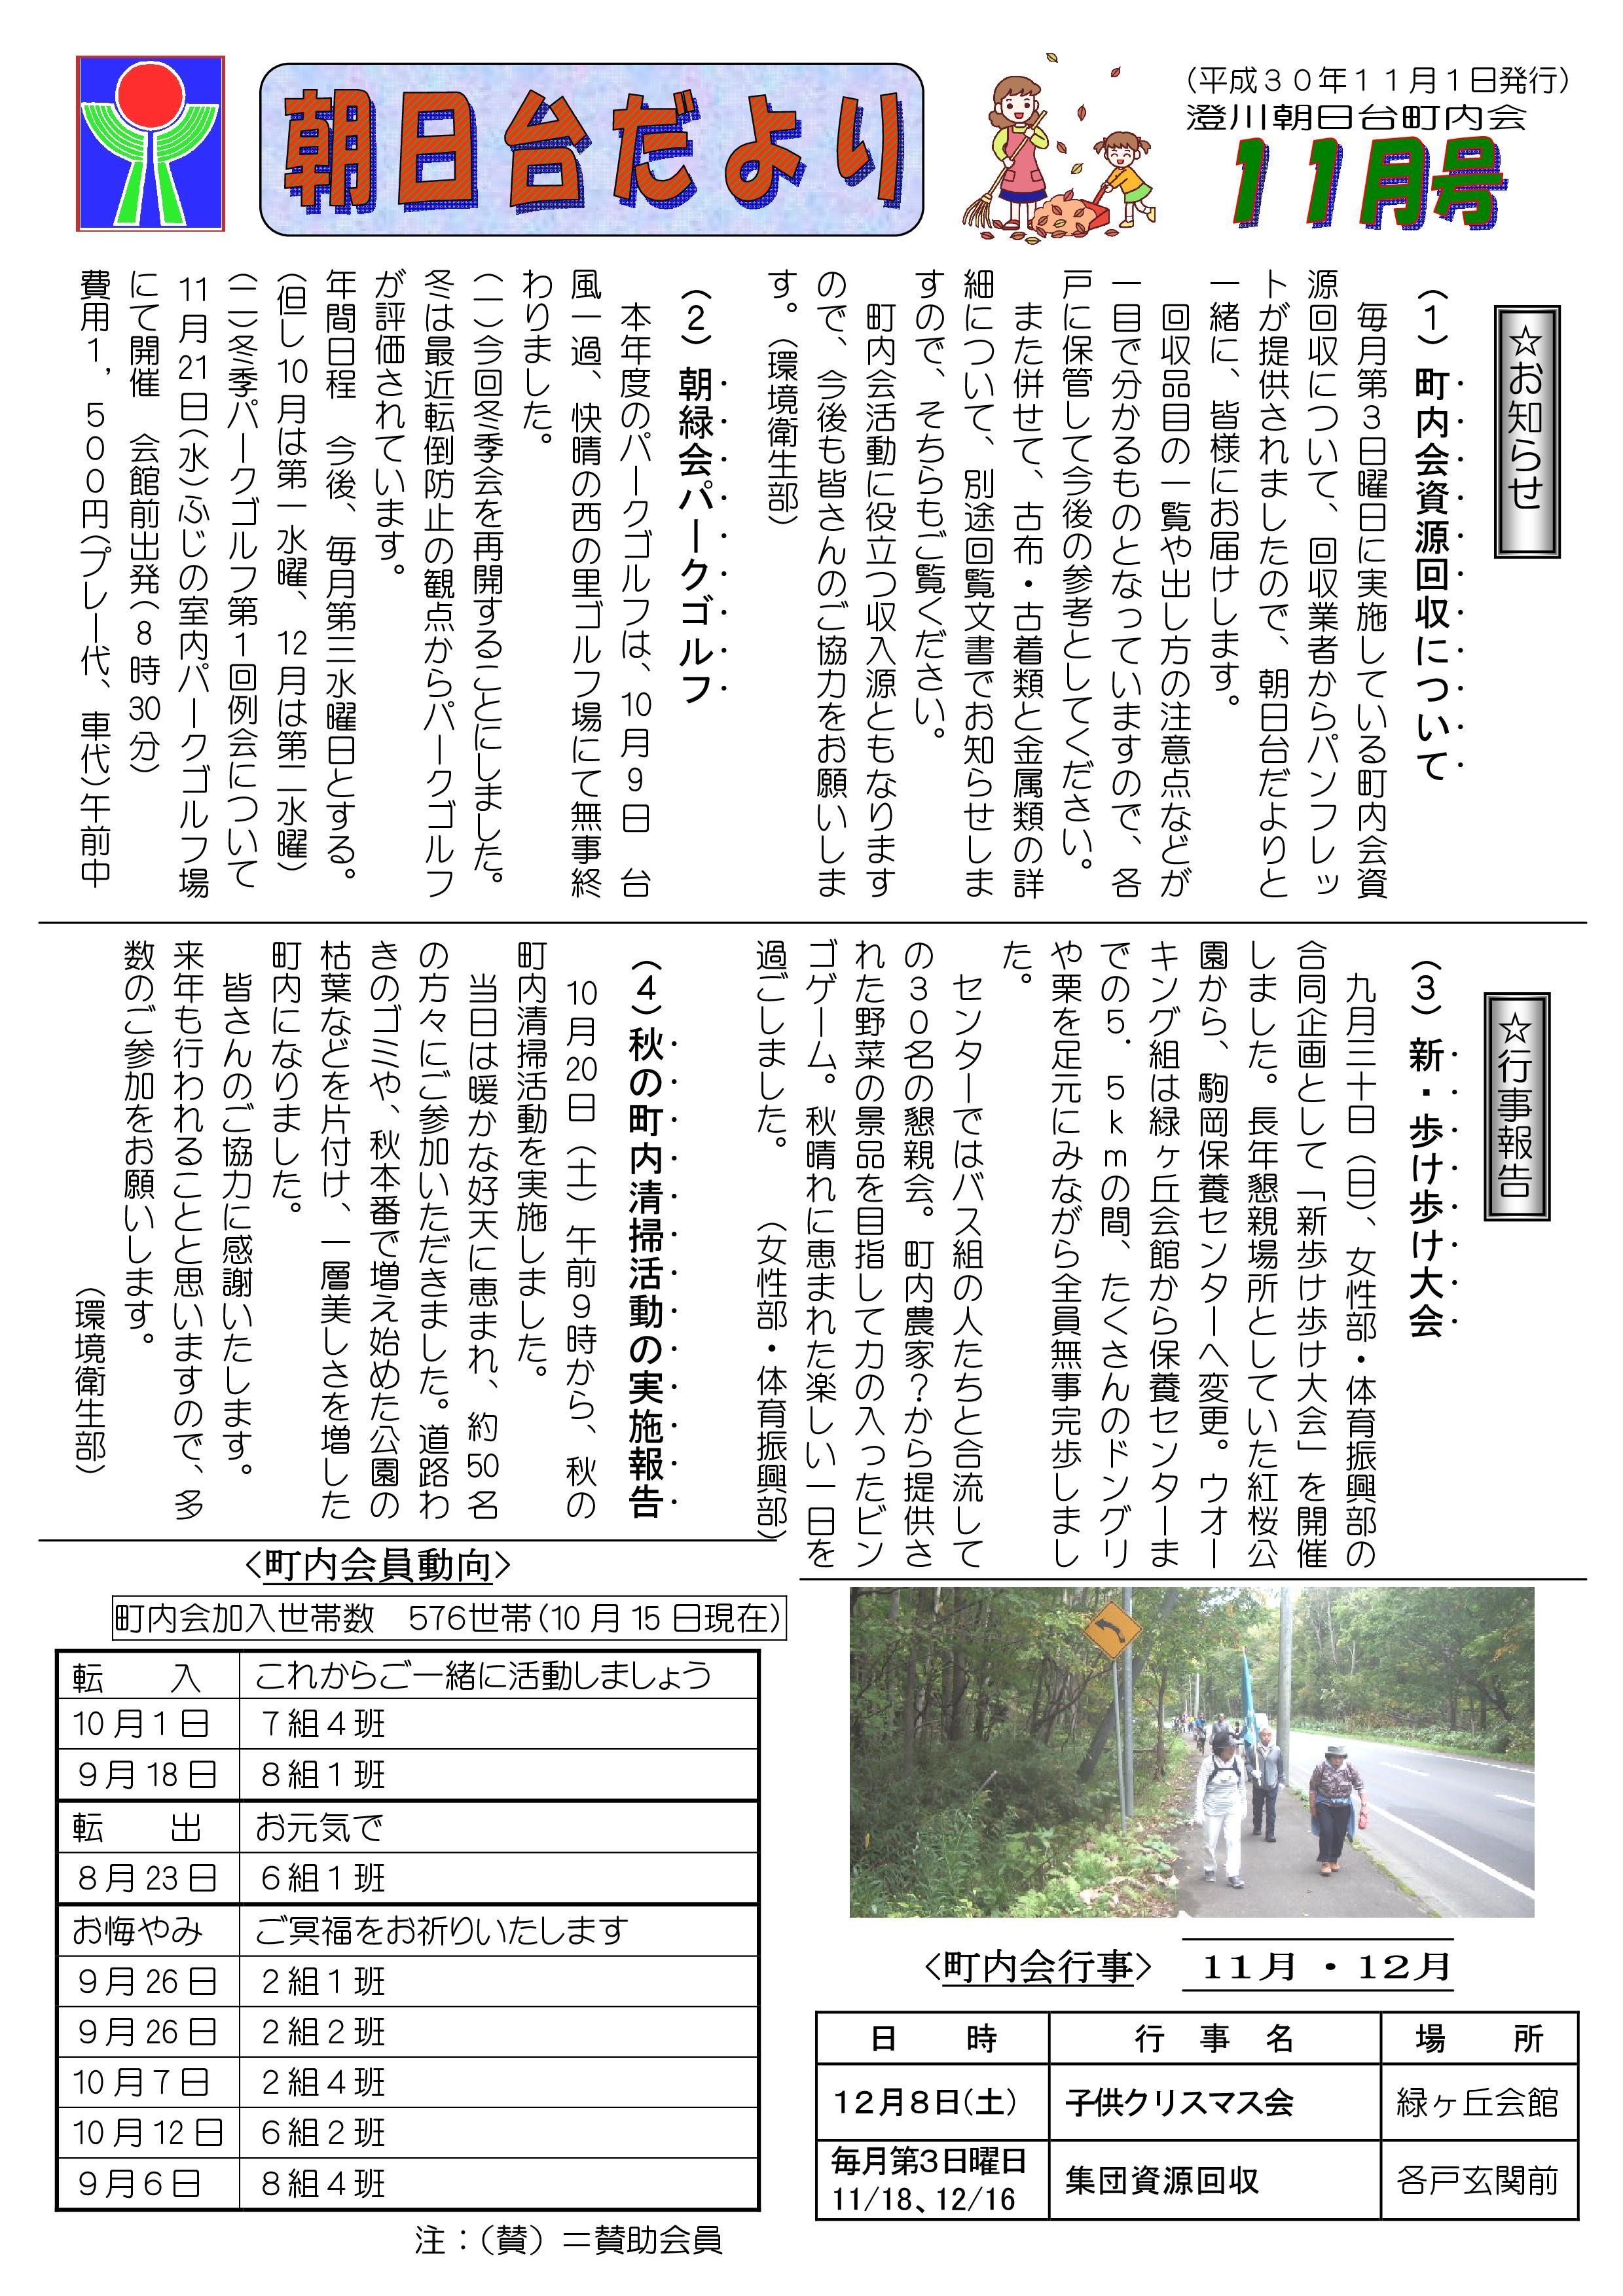 http://sumikawa.info/asahidai/11%E6%9C%88%E5%8F%B71-001.jpg